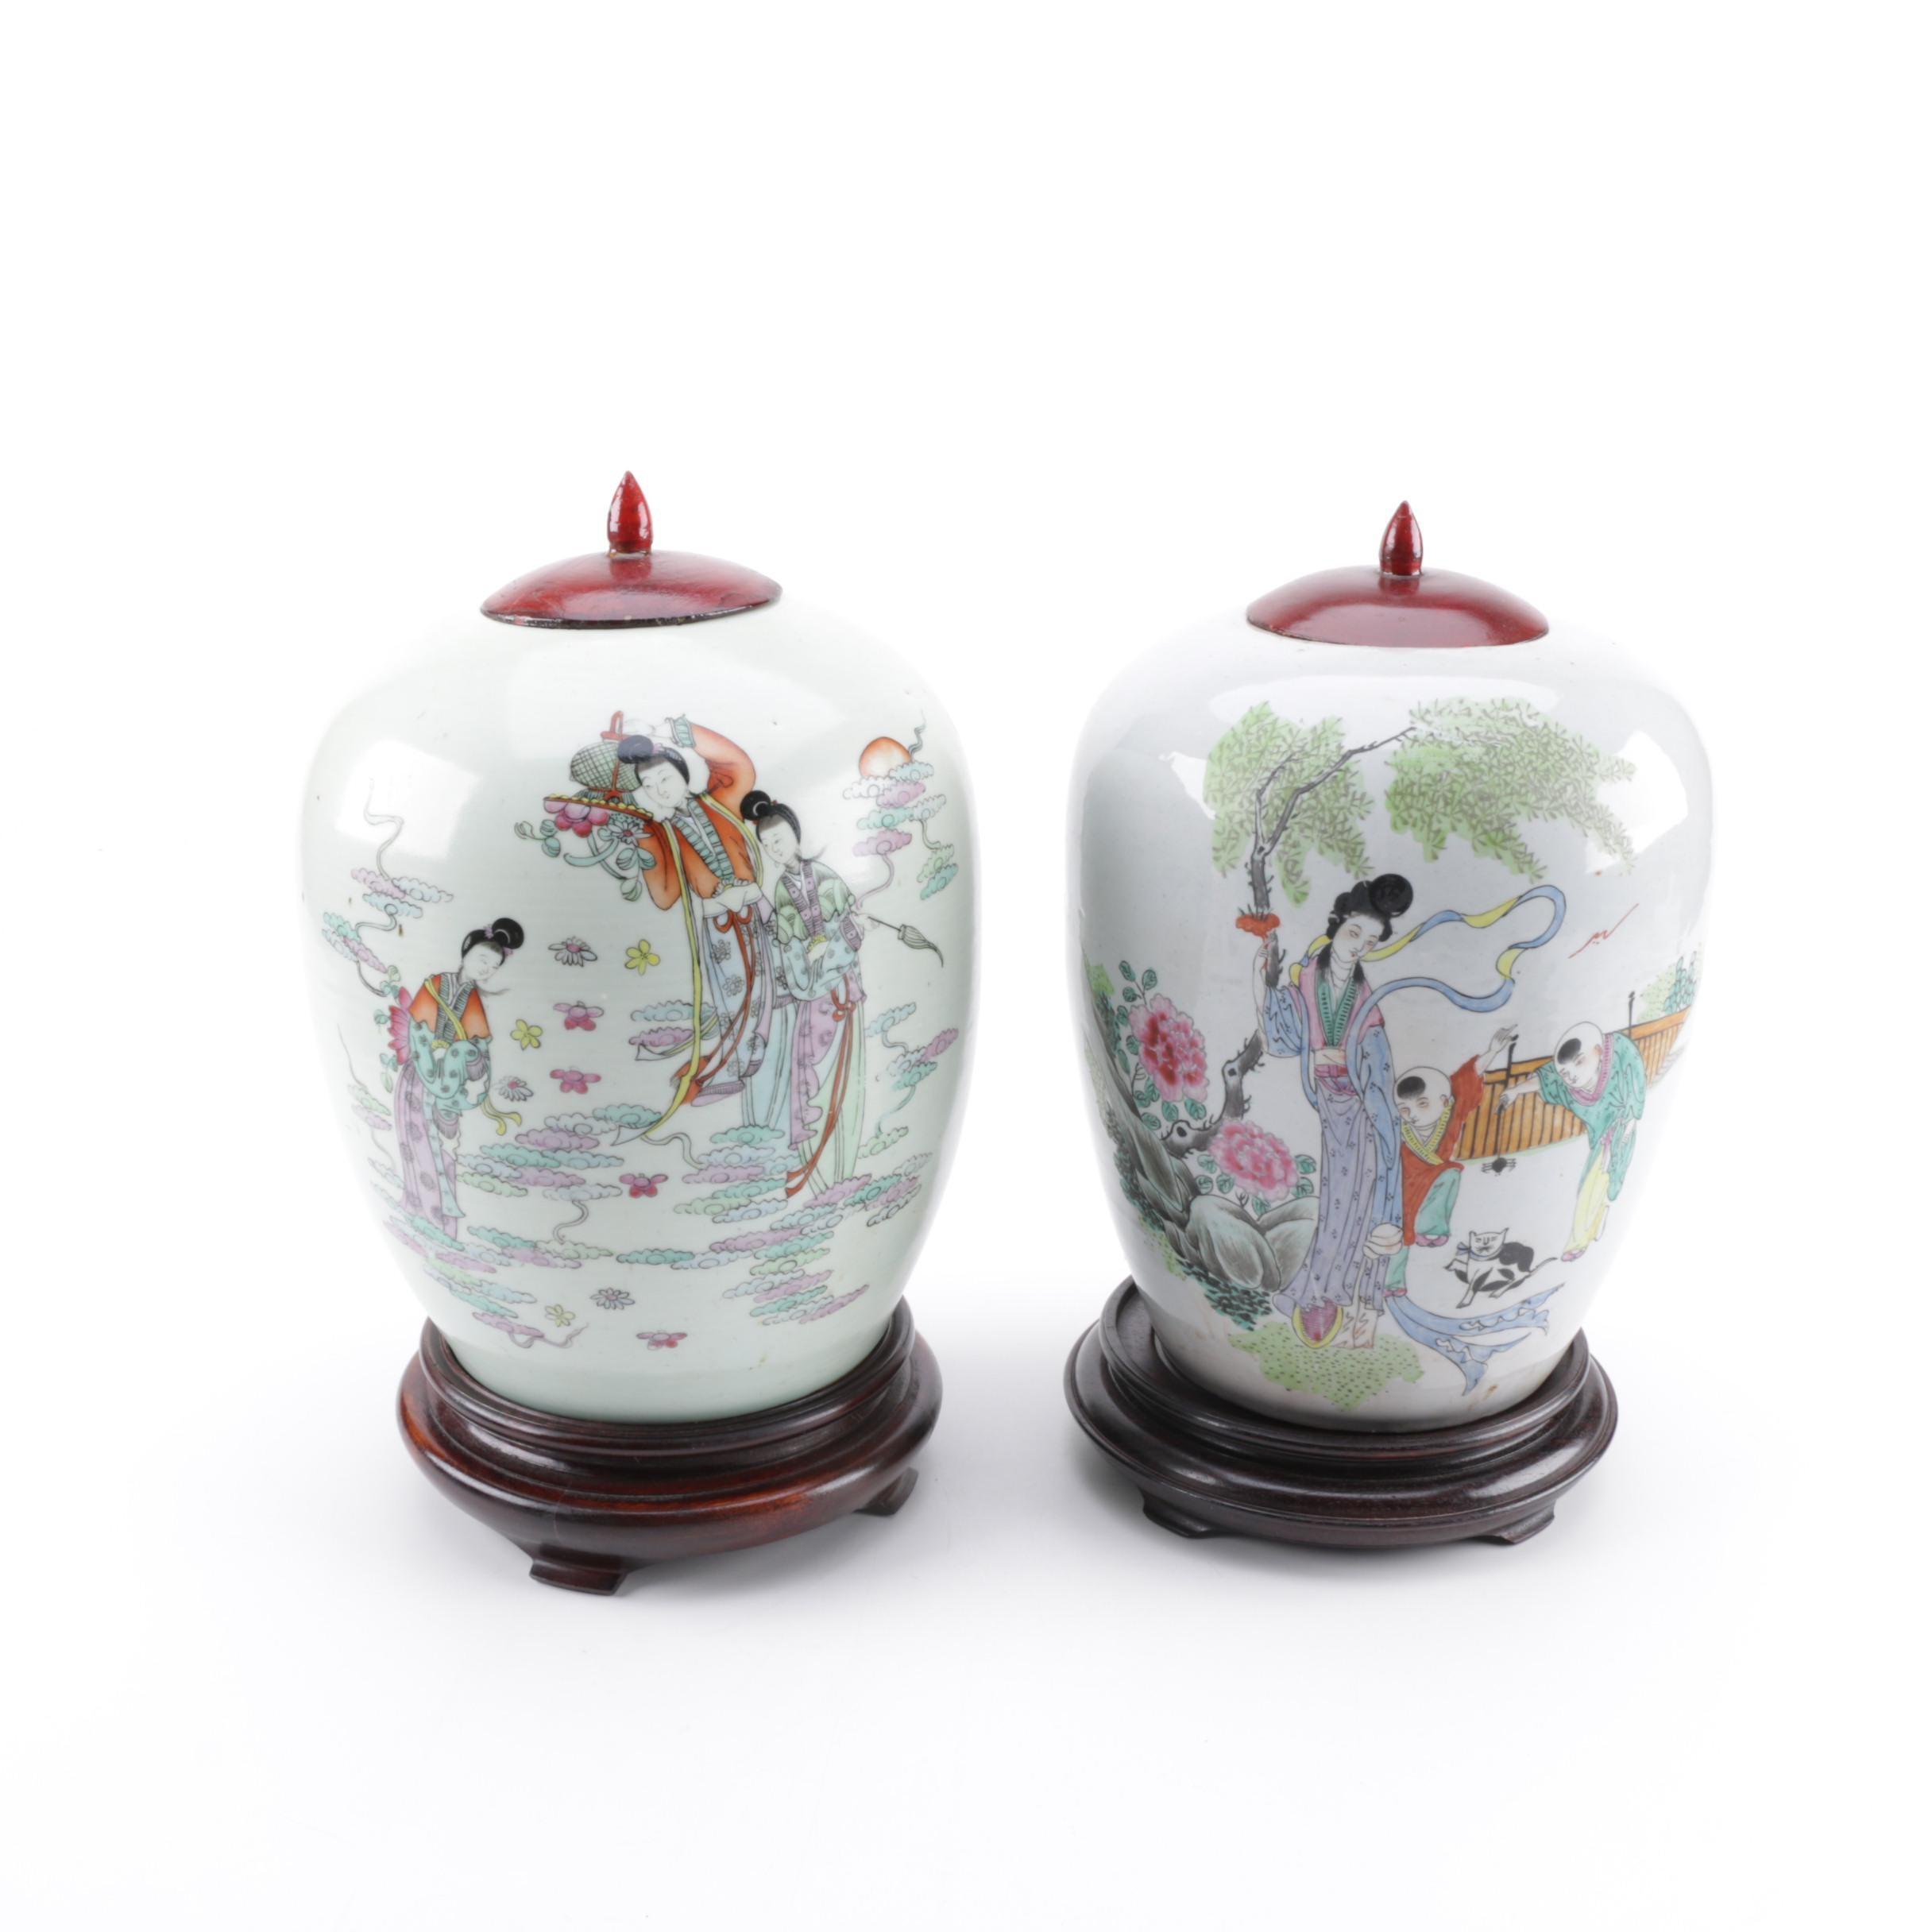 Vintage Chinese Enameled Porcelain Urns